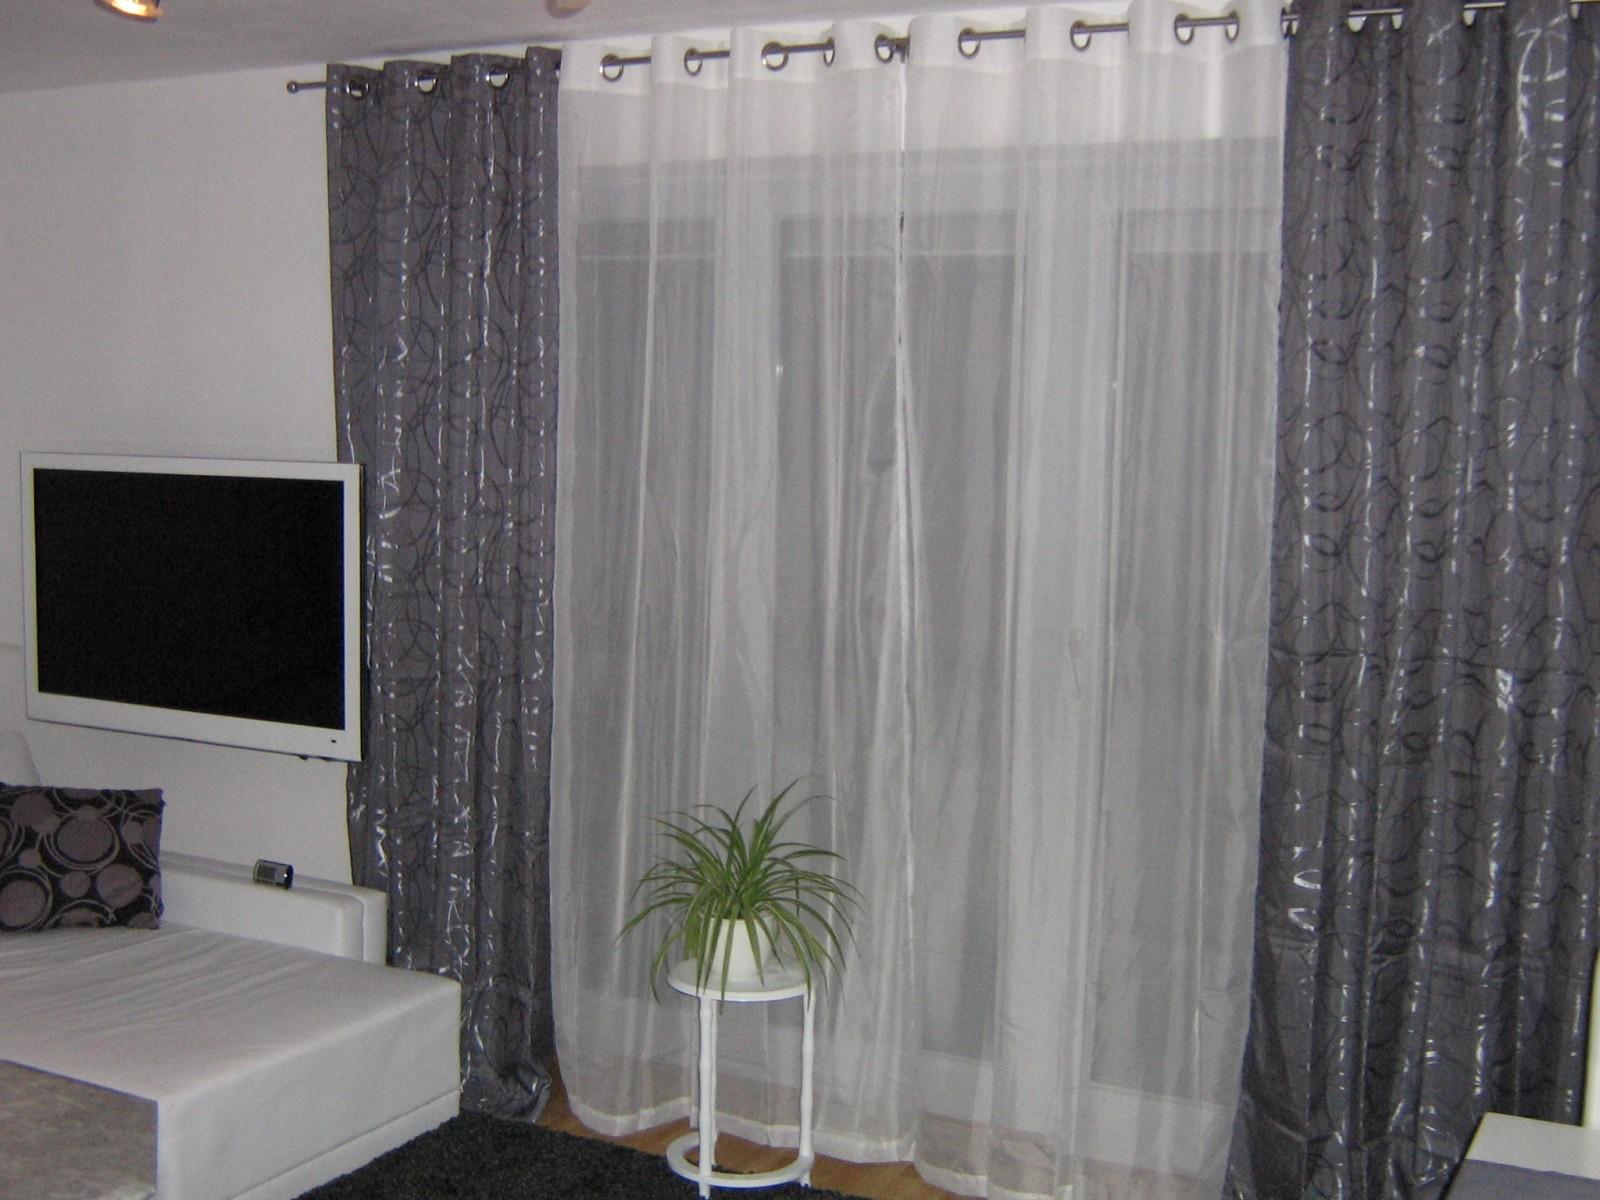 wohnzimmer 39 wohnzimmer in grau wei gr n 39 mein domizil mit neuen farben zimmerschau. Black Bedroom Furniture Sets. Home Design Ideas